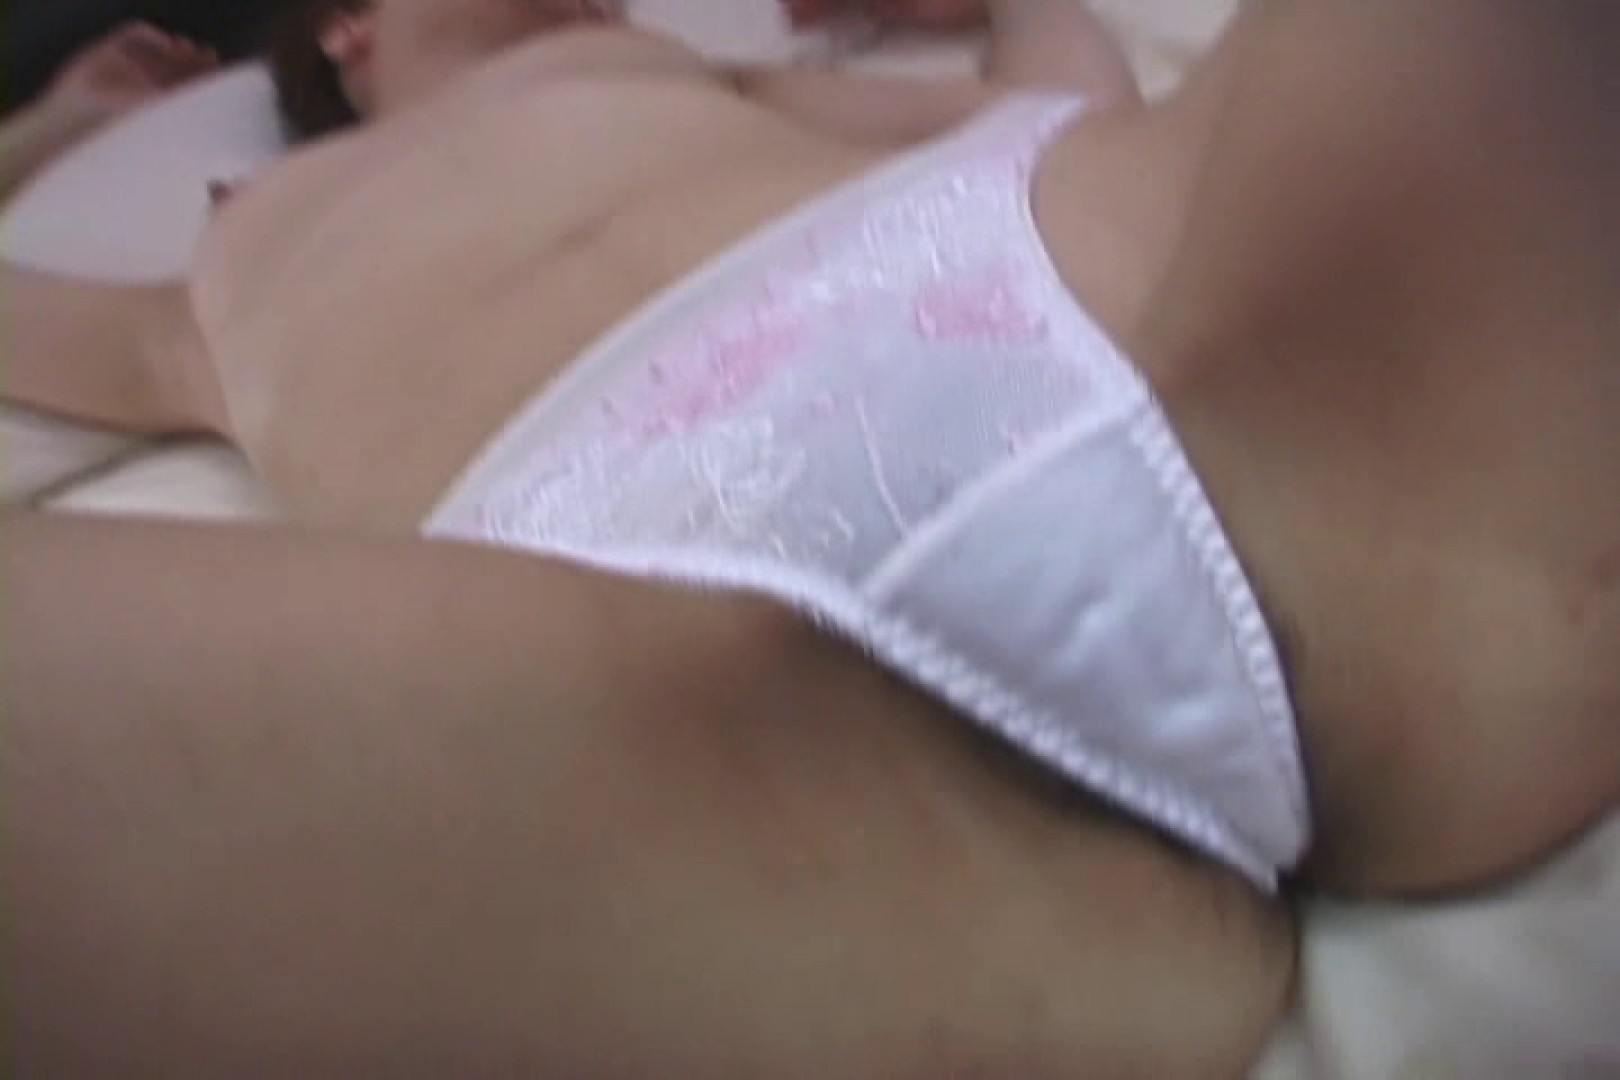 若人妻は静かに濡れる~藤本あずさ~ 電マ   人妻  85画像 38